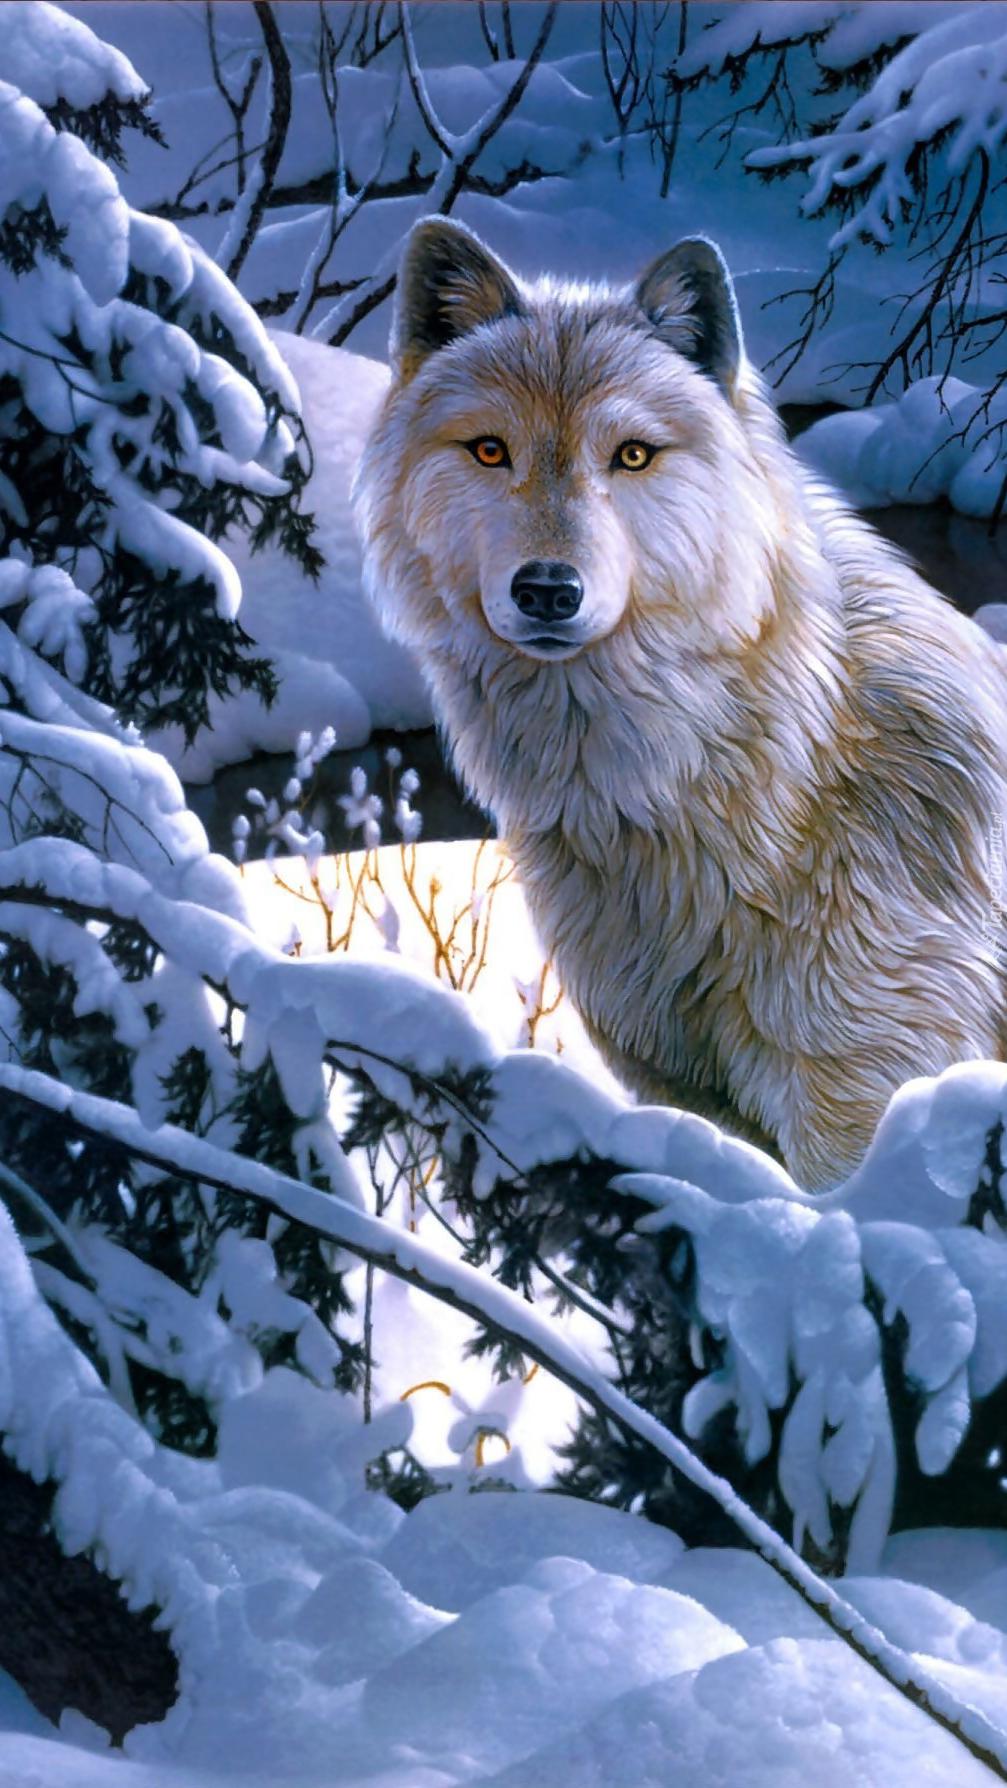 Wilk w zimowym ośnieżonym lesie